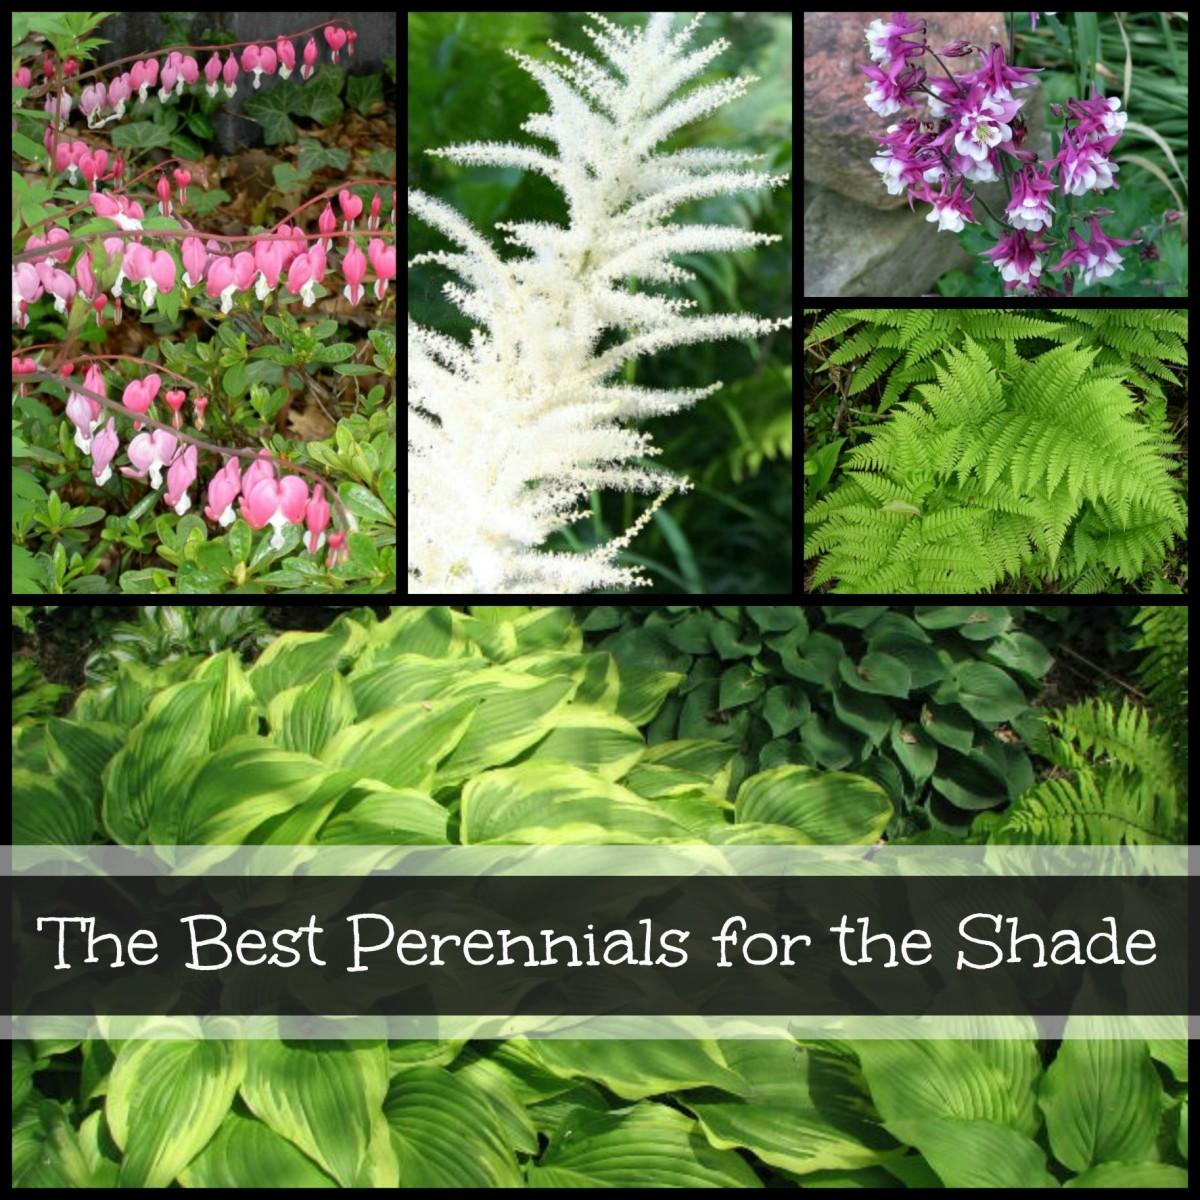 7 Best Perennials to Plant in a Shade Garden